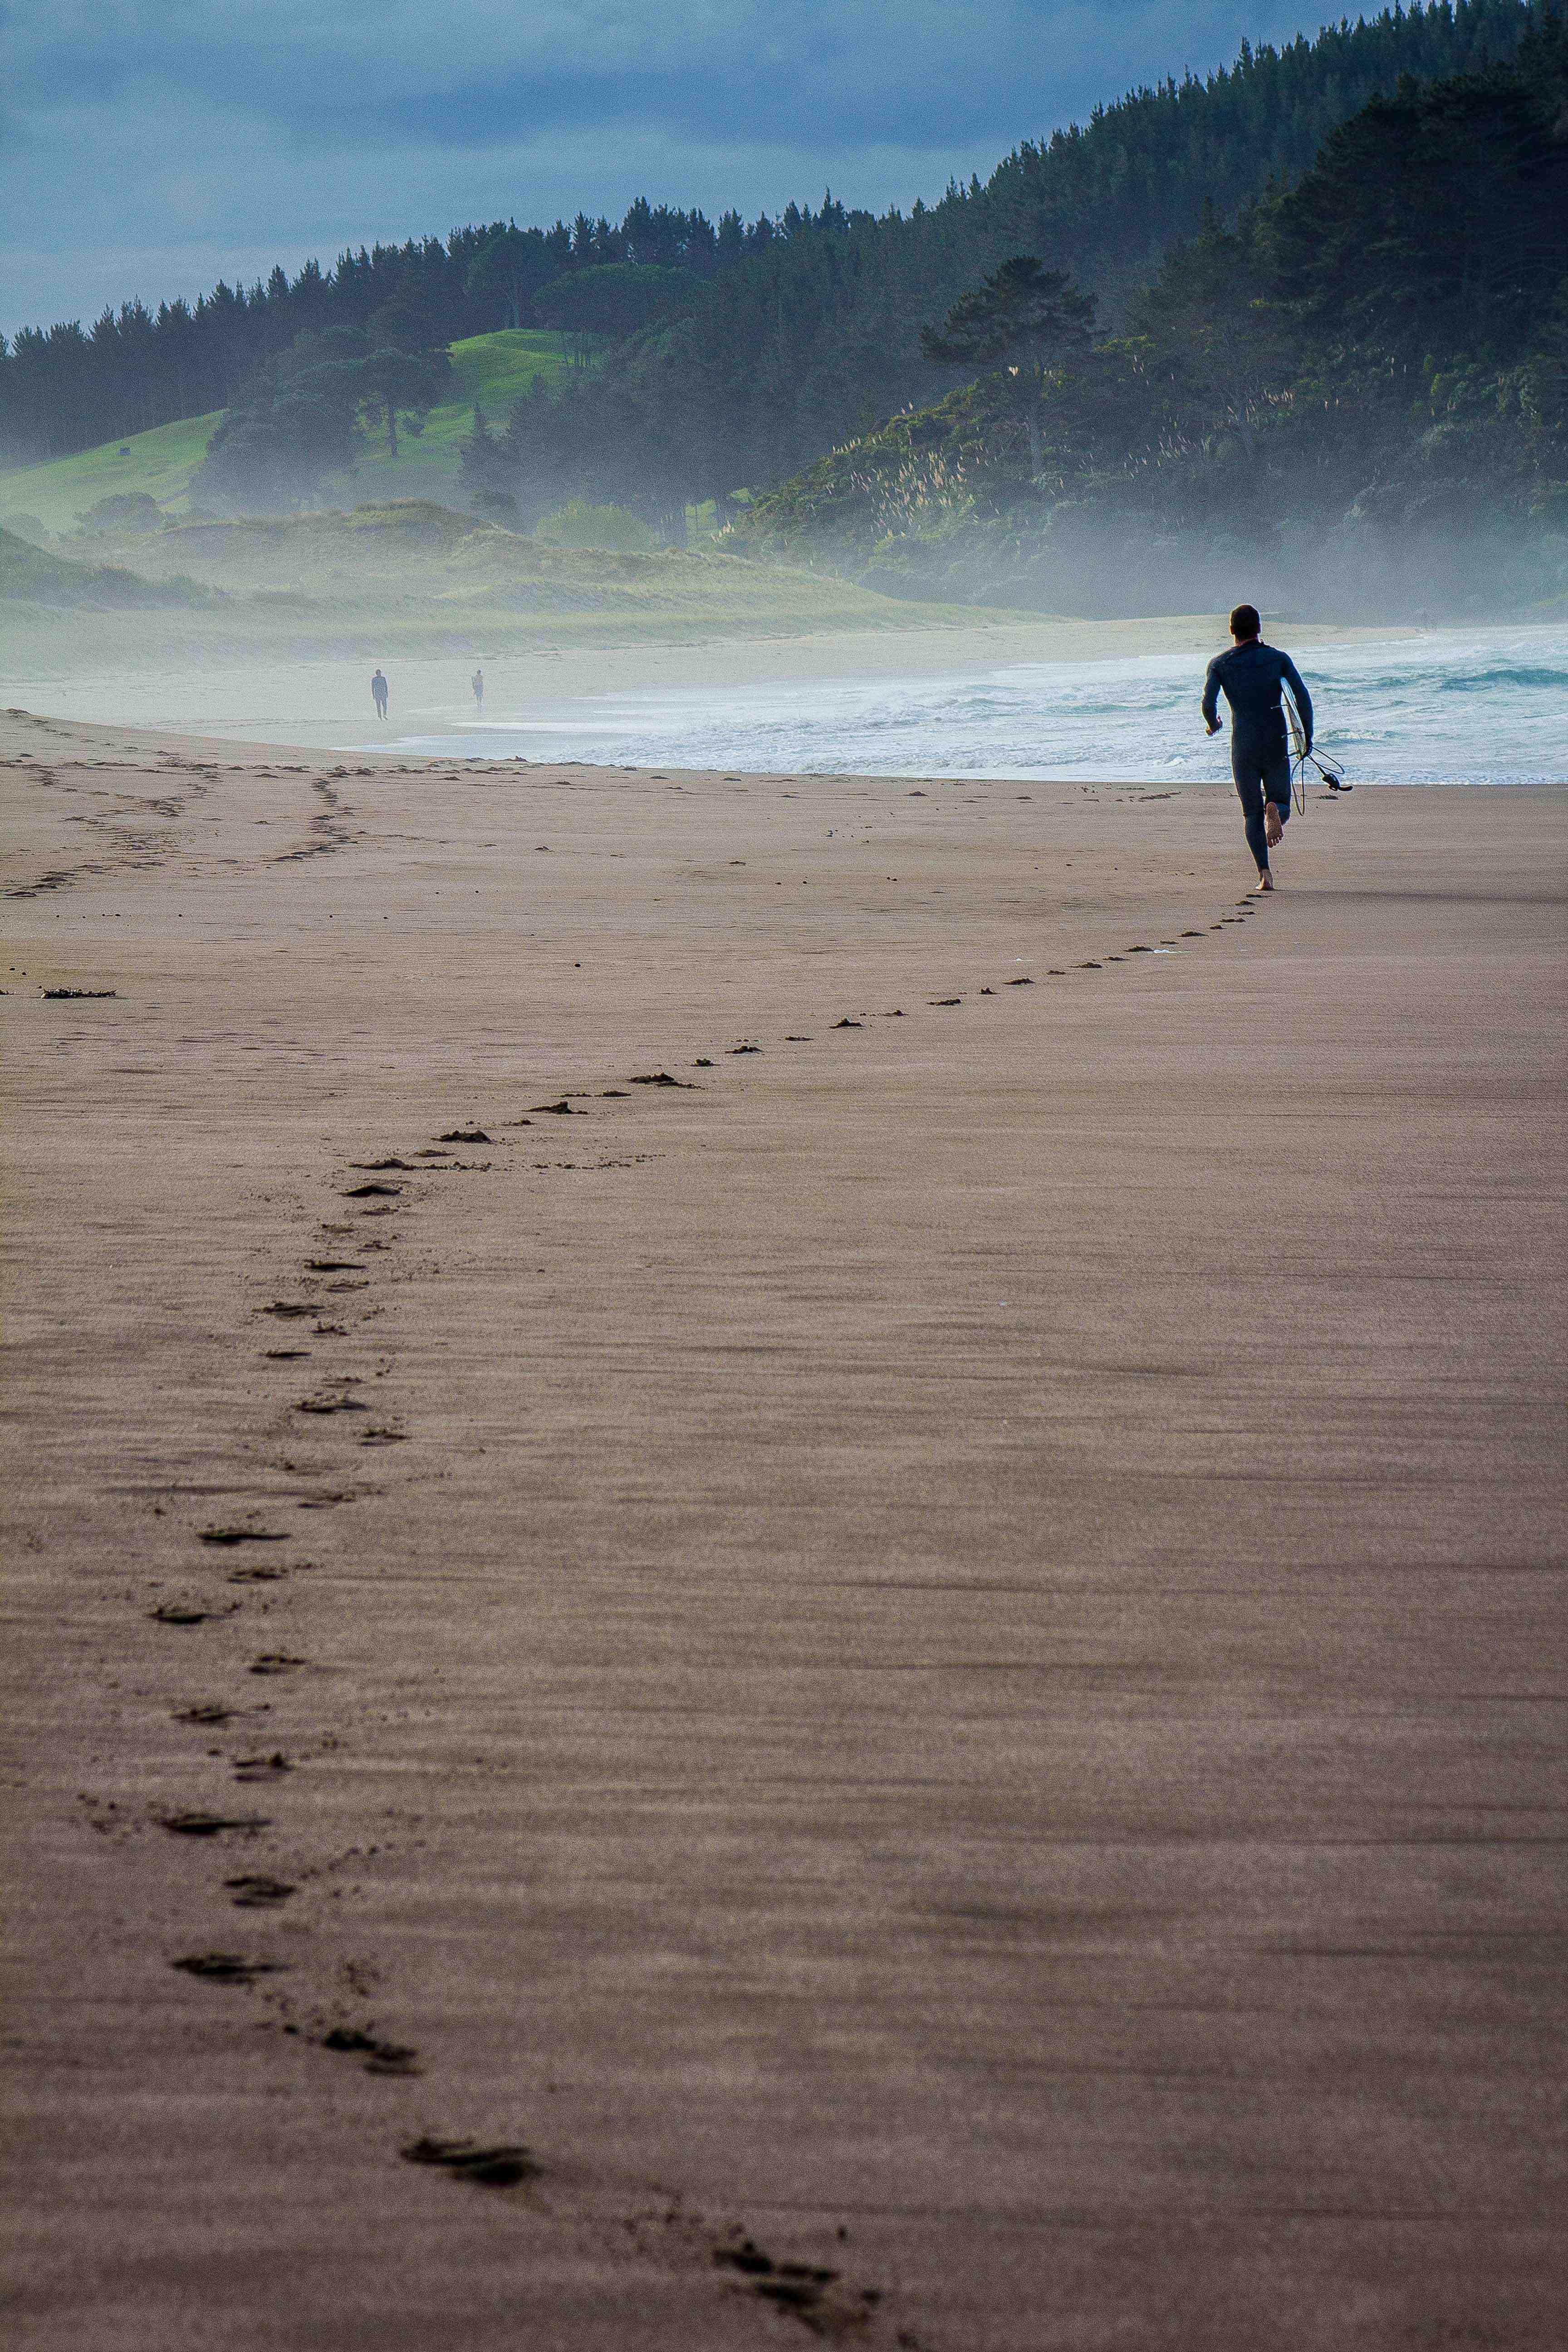 Surfer Hot Sands Beach-9146 copy